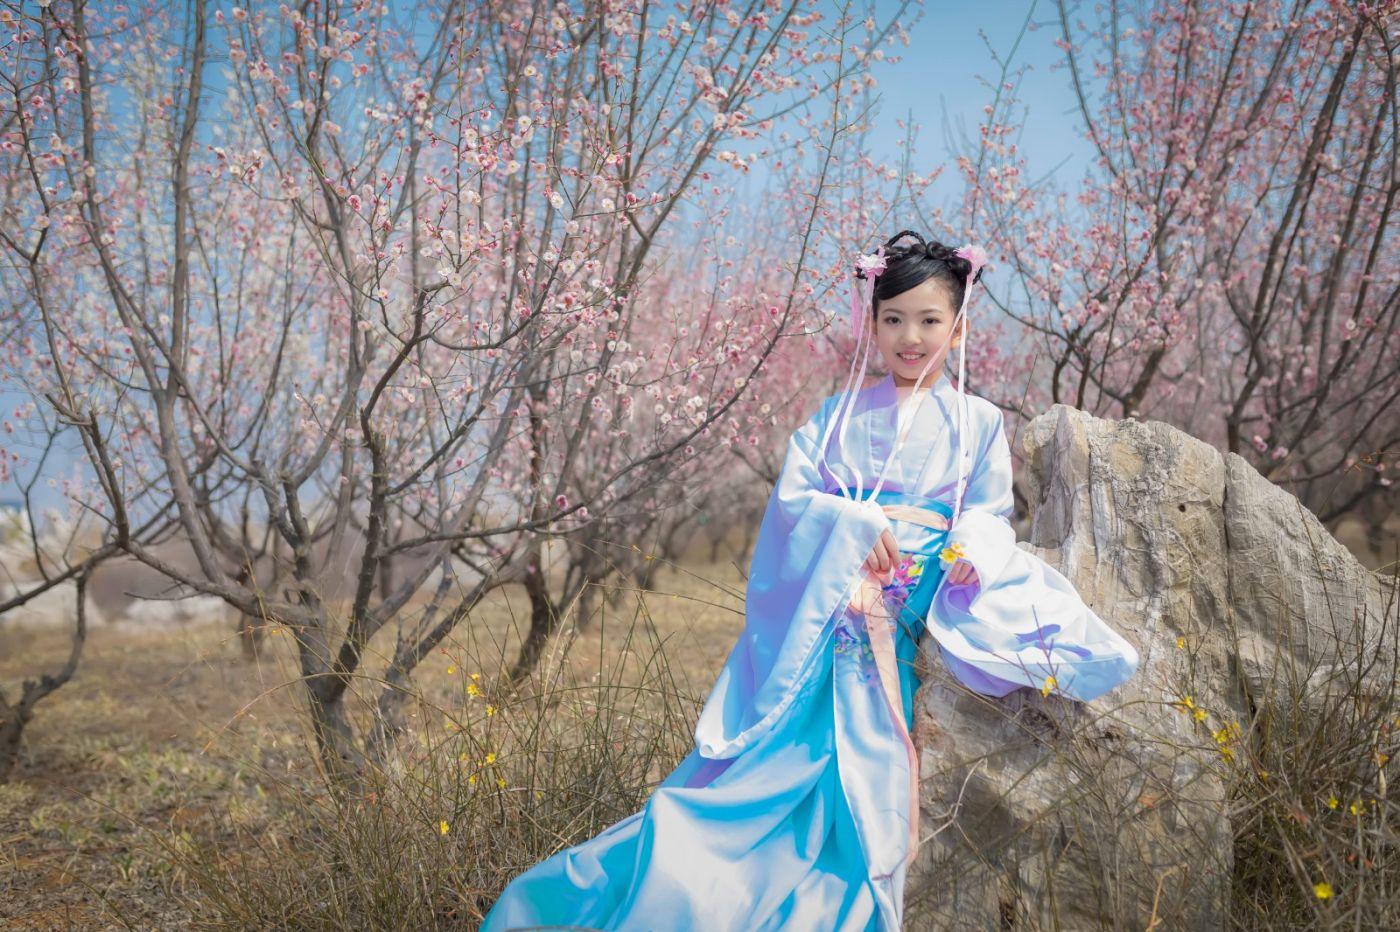 翟家小妮翟雅慧之春到梅园 花儿与少年系列 梅园尽显中国风_图1-24